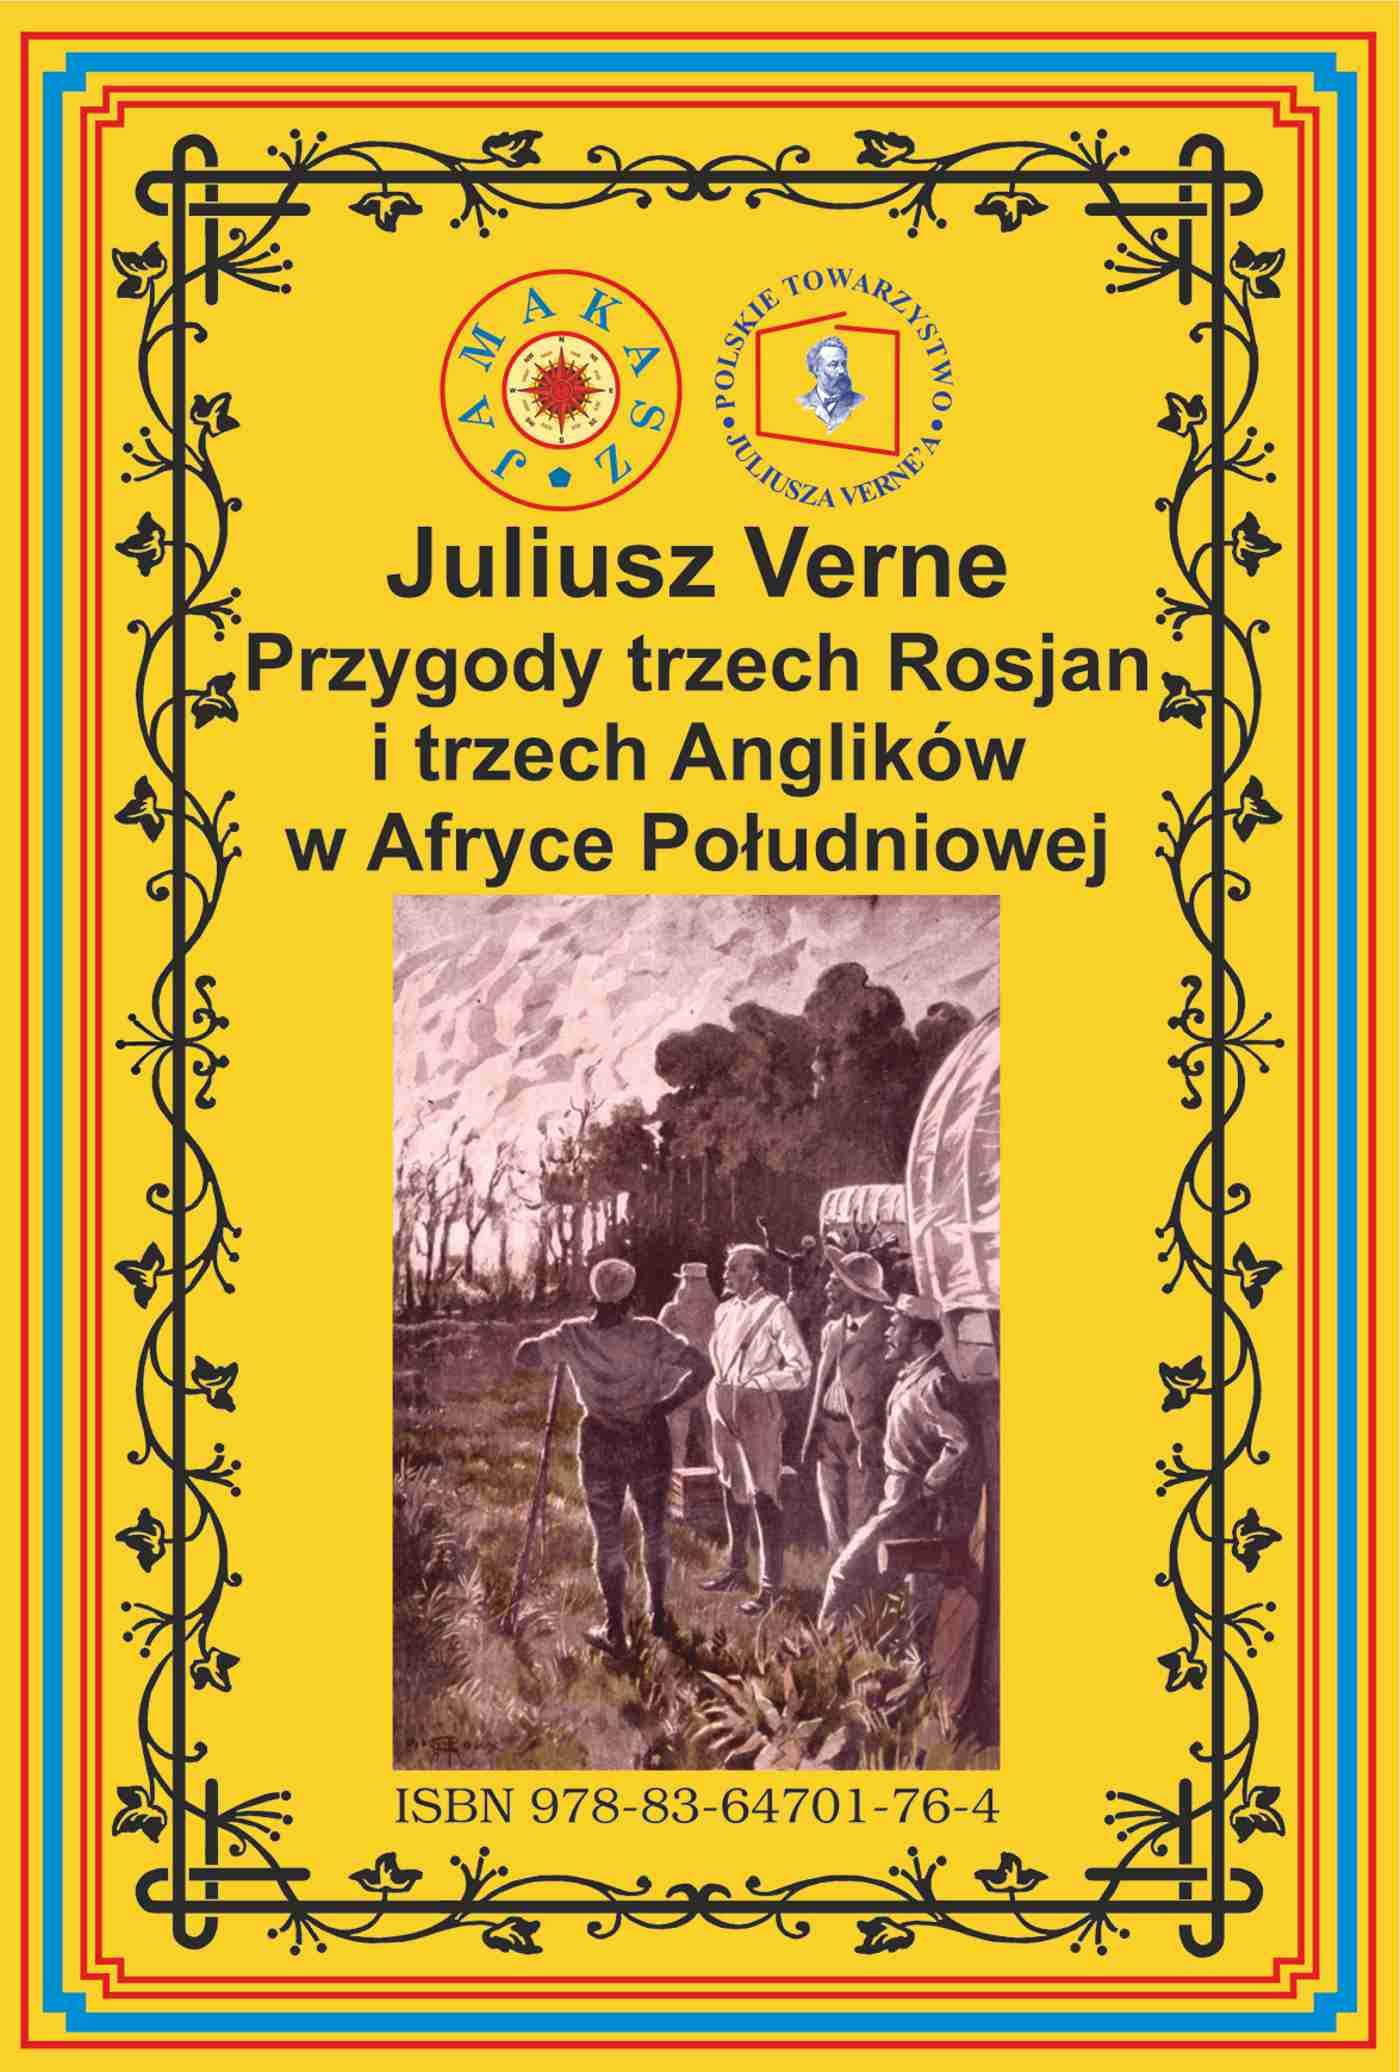 Przygody trzech Rosjan i trzech Anglików w Afryce Południowej - Ebook (Książka PDF) do pobrania w formacie PDF